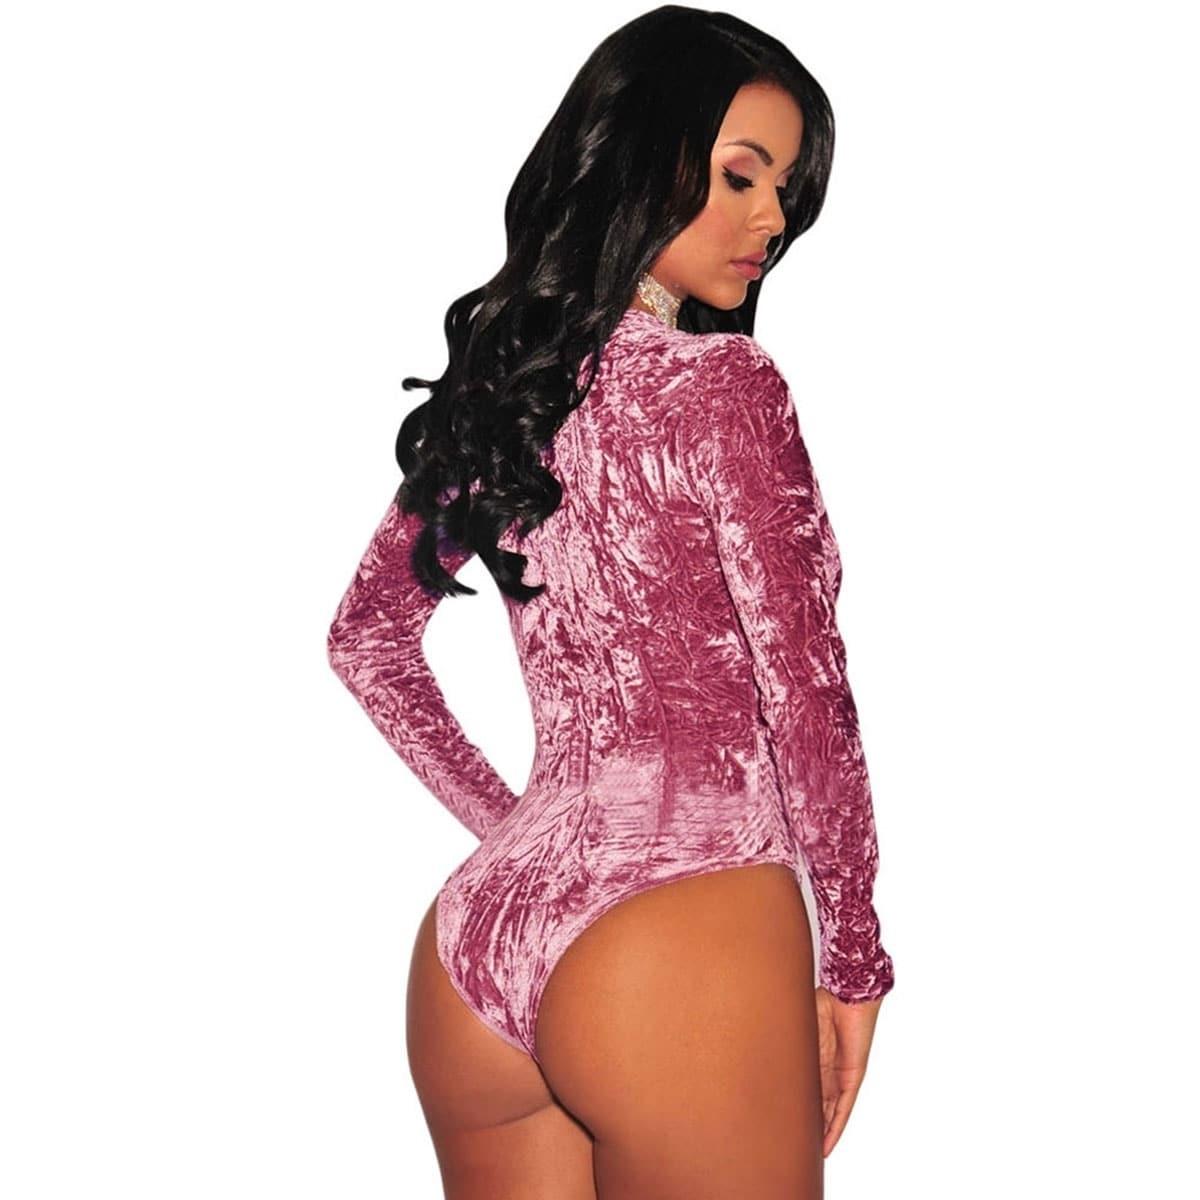 Shop Women Crushed Velvet Long Sleeves Bodysuit Teddy Lingerie - Free  Shipping On Orders Over  45 - Overstock - 18521016 09c1438b0